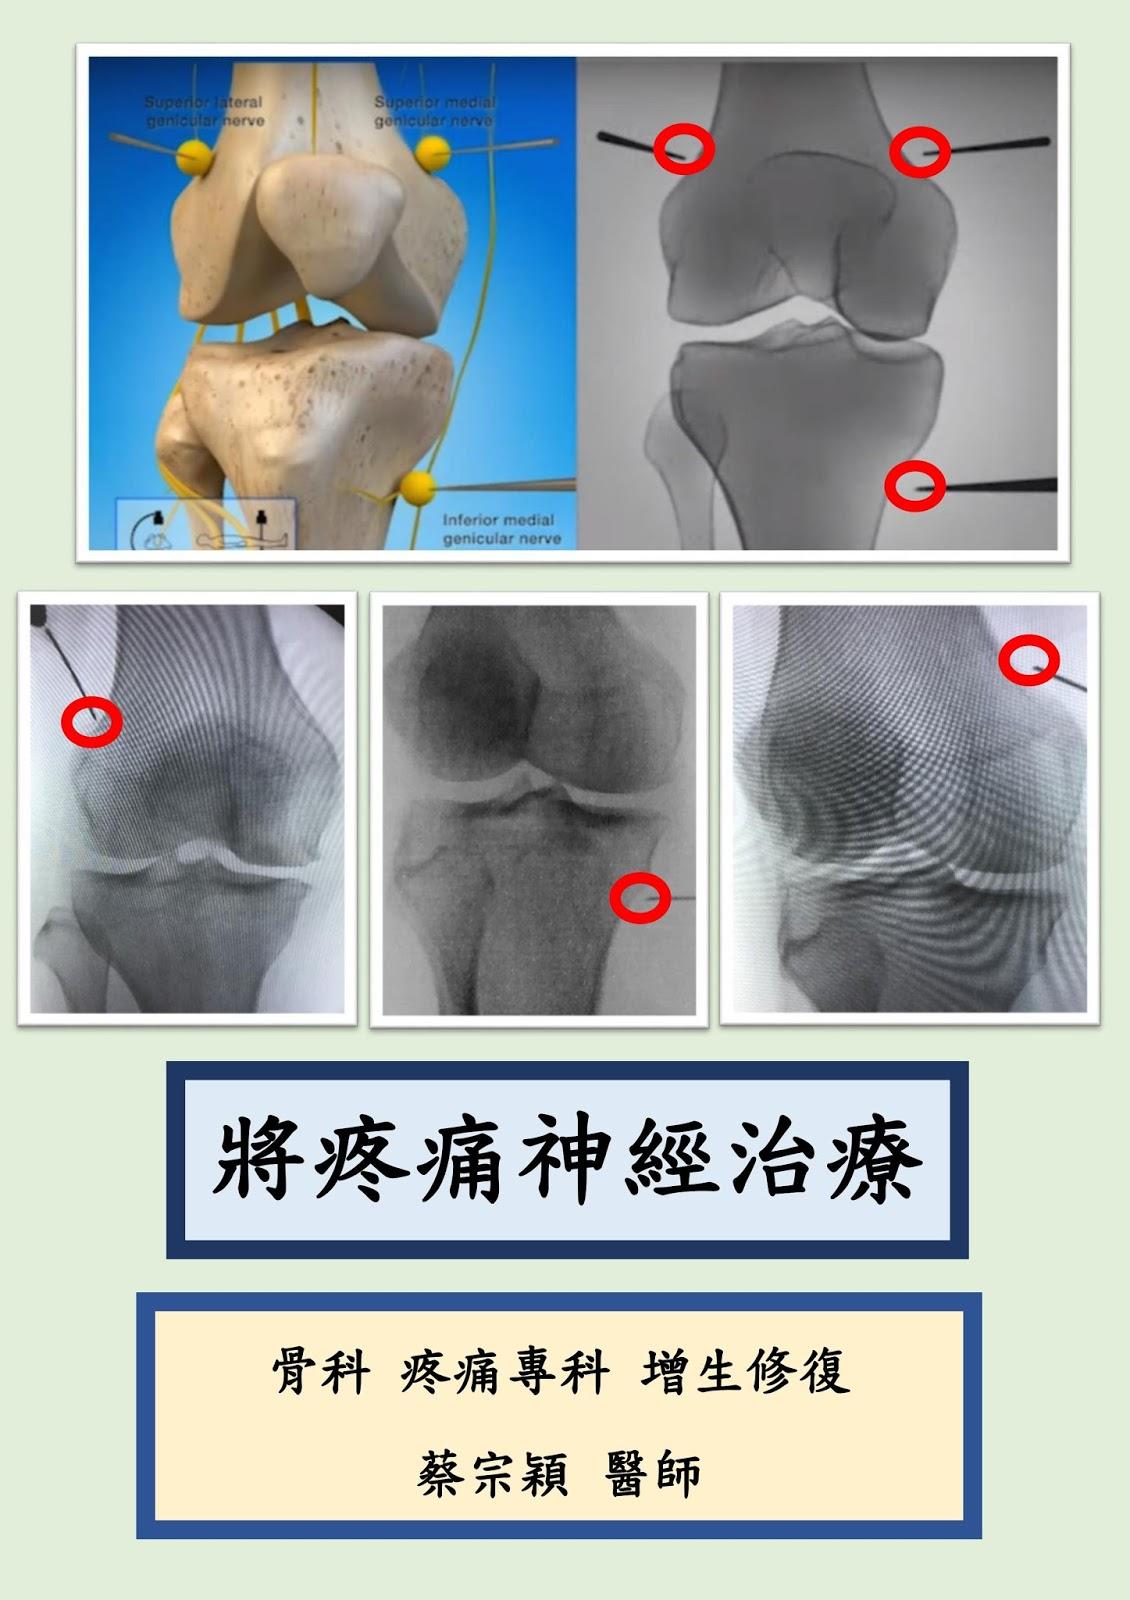 蔡宗穎 醫師 │ 骨科 疼痛 熱凝 增生注射